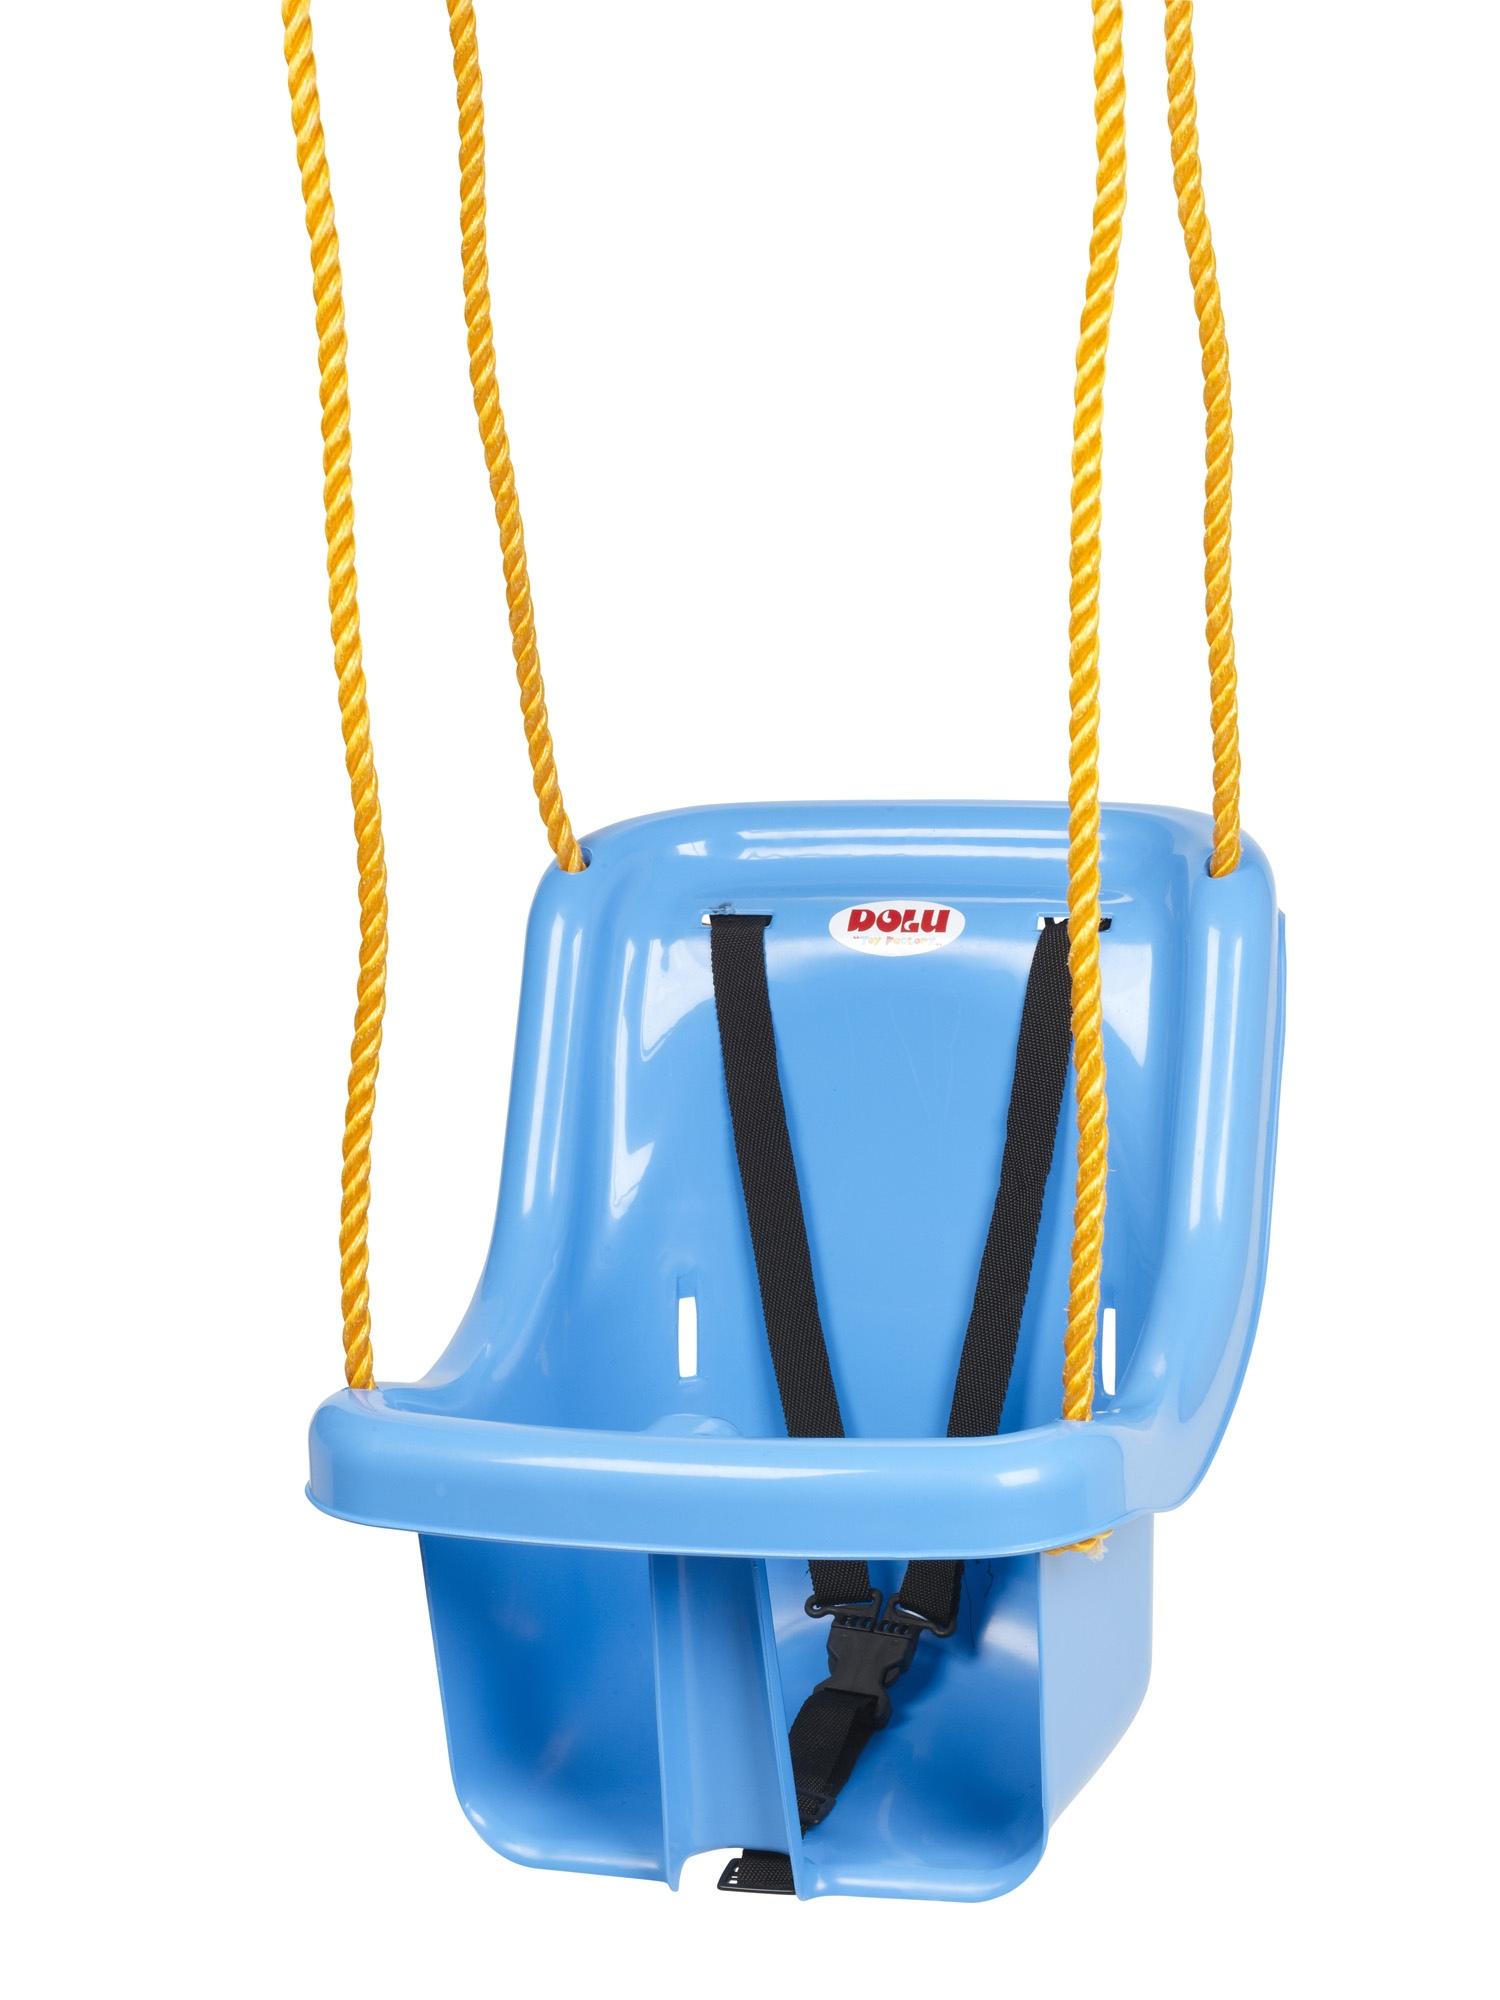 Children Outdoor Swing Seat With Safety Belt Rope Garden Children